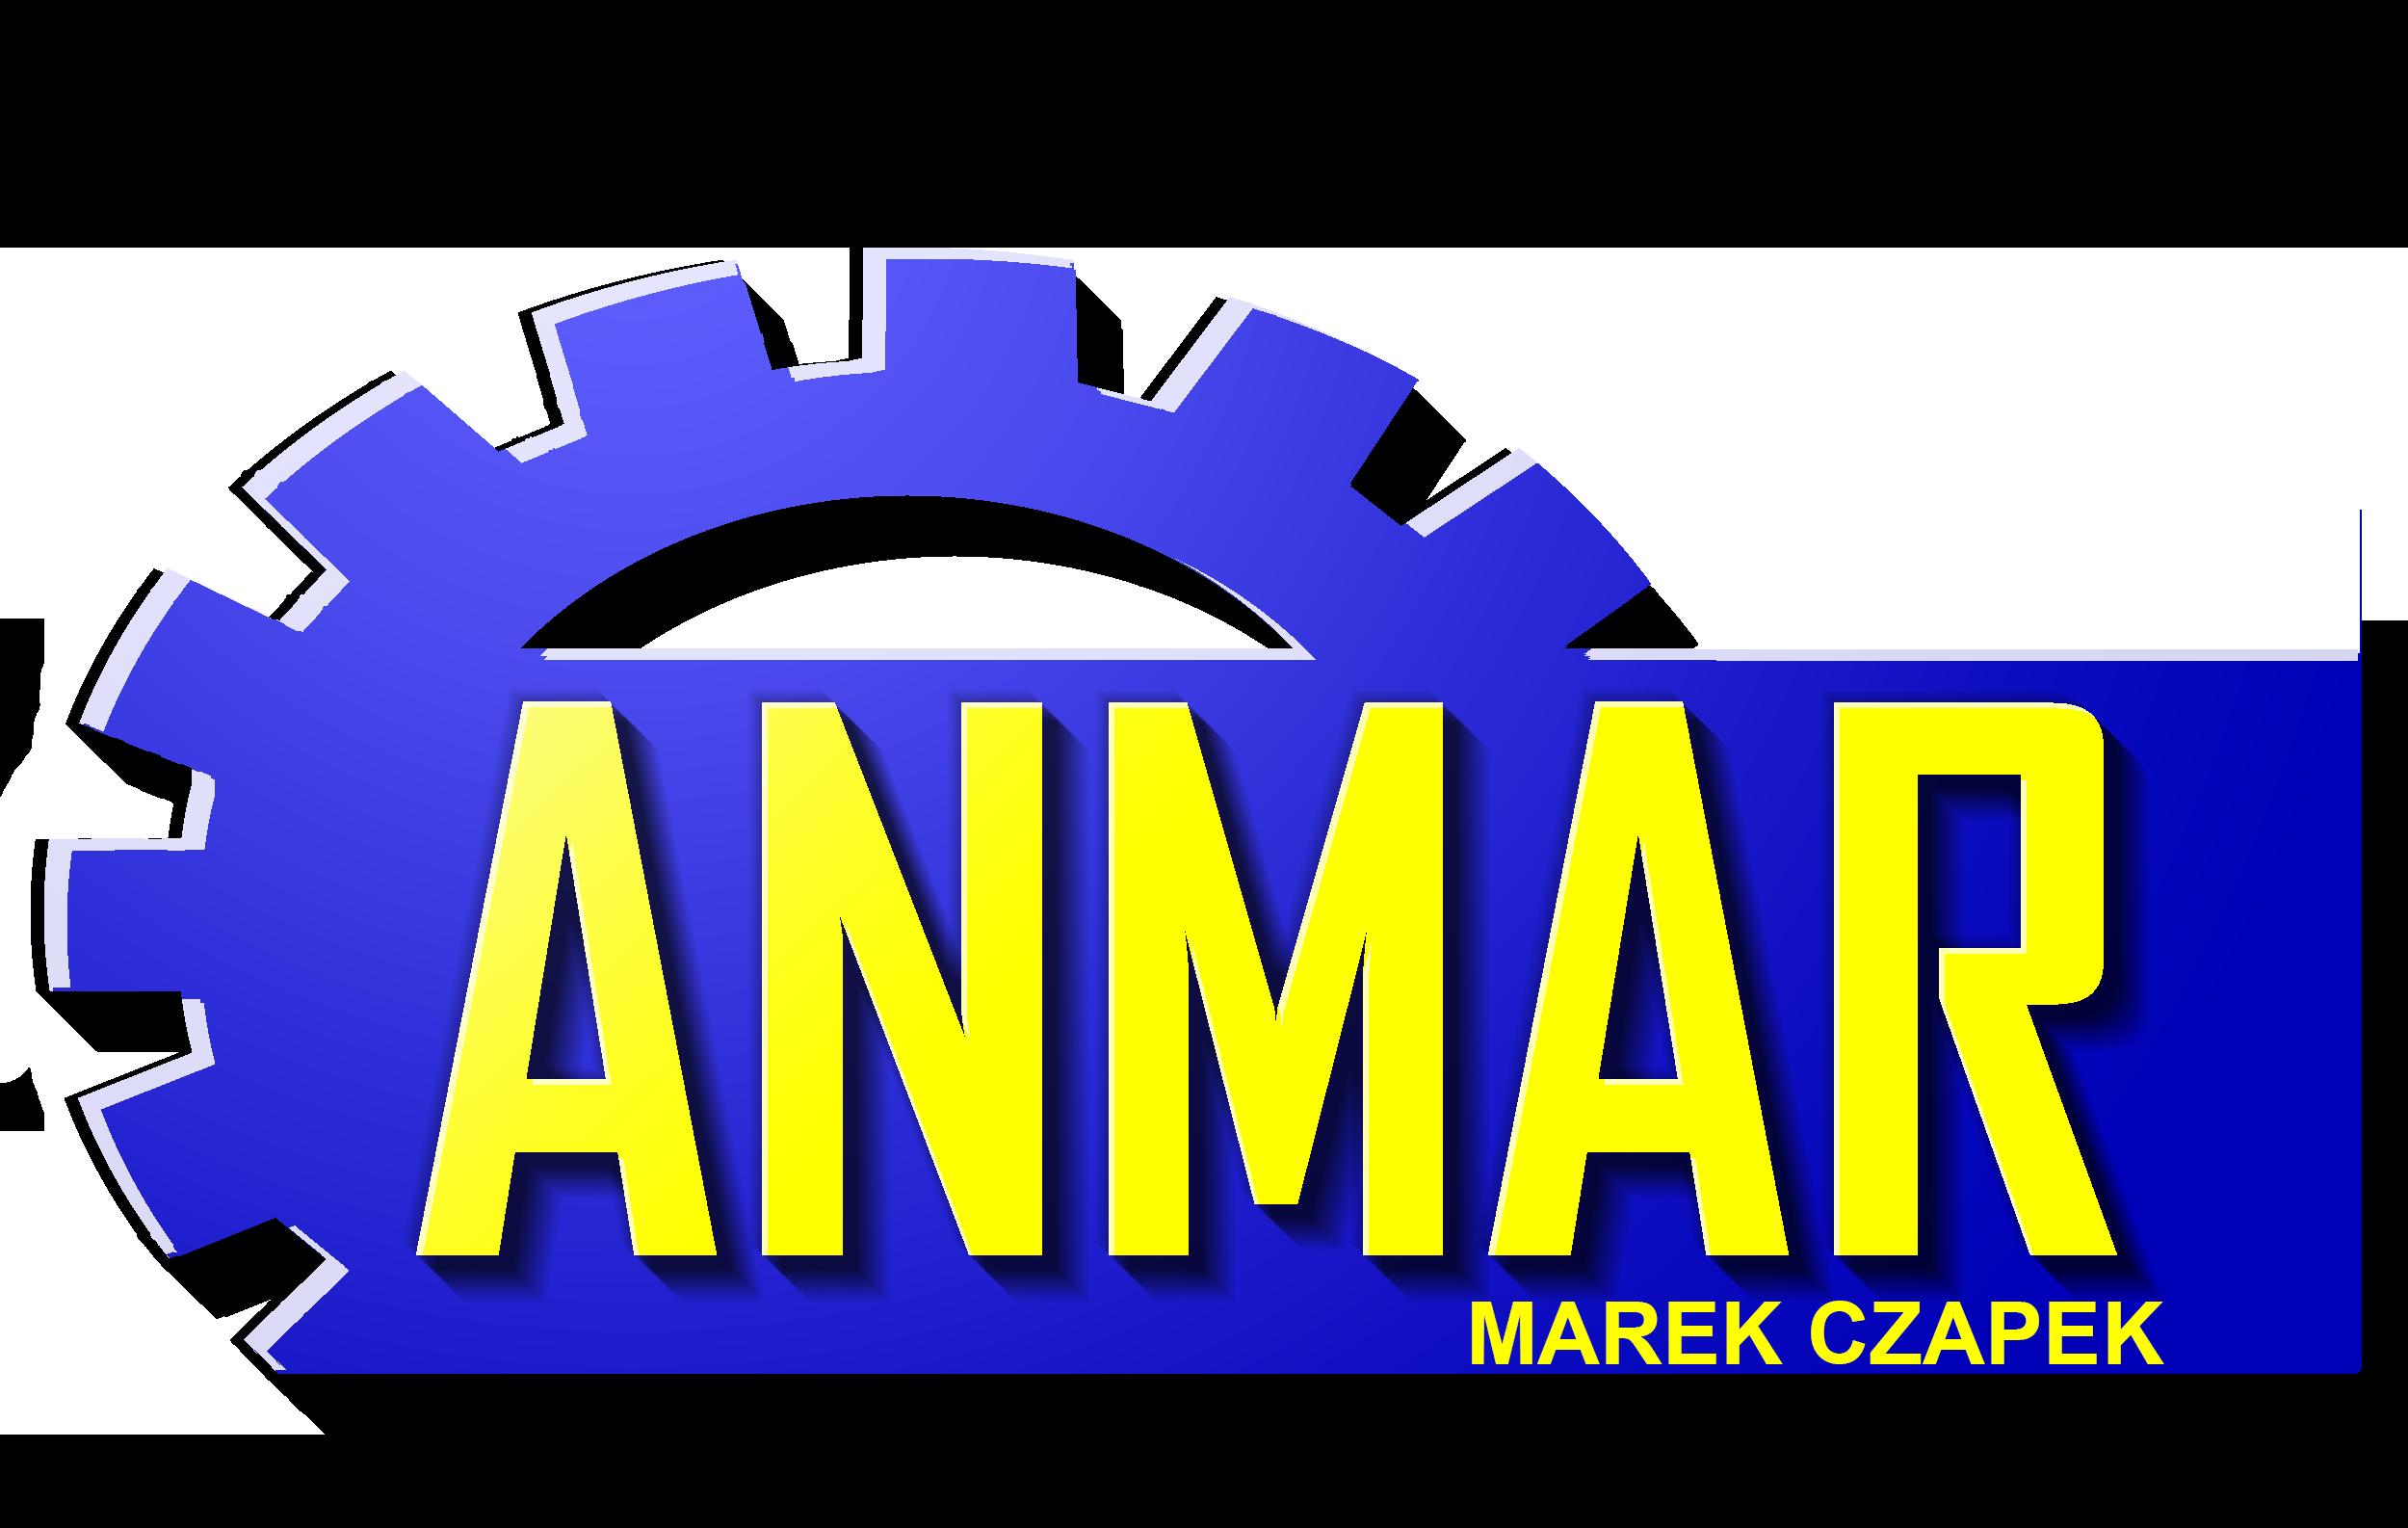 Anmar-Odbojnice